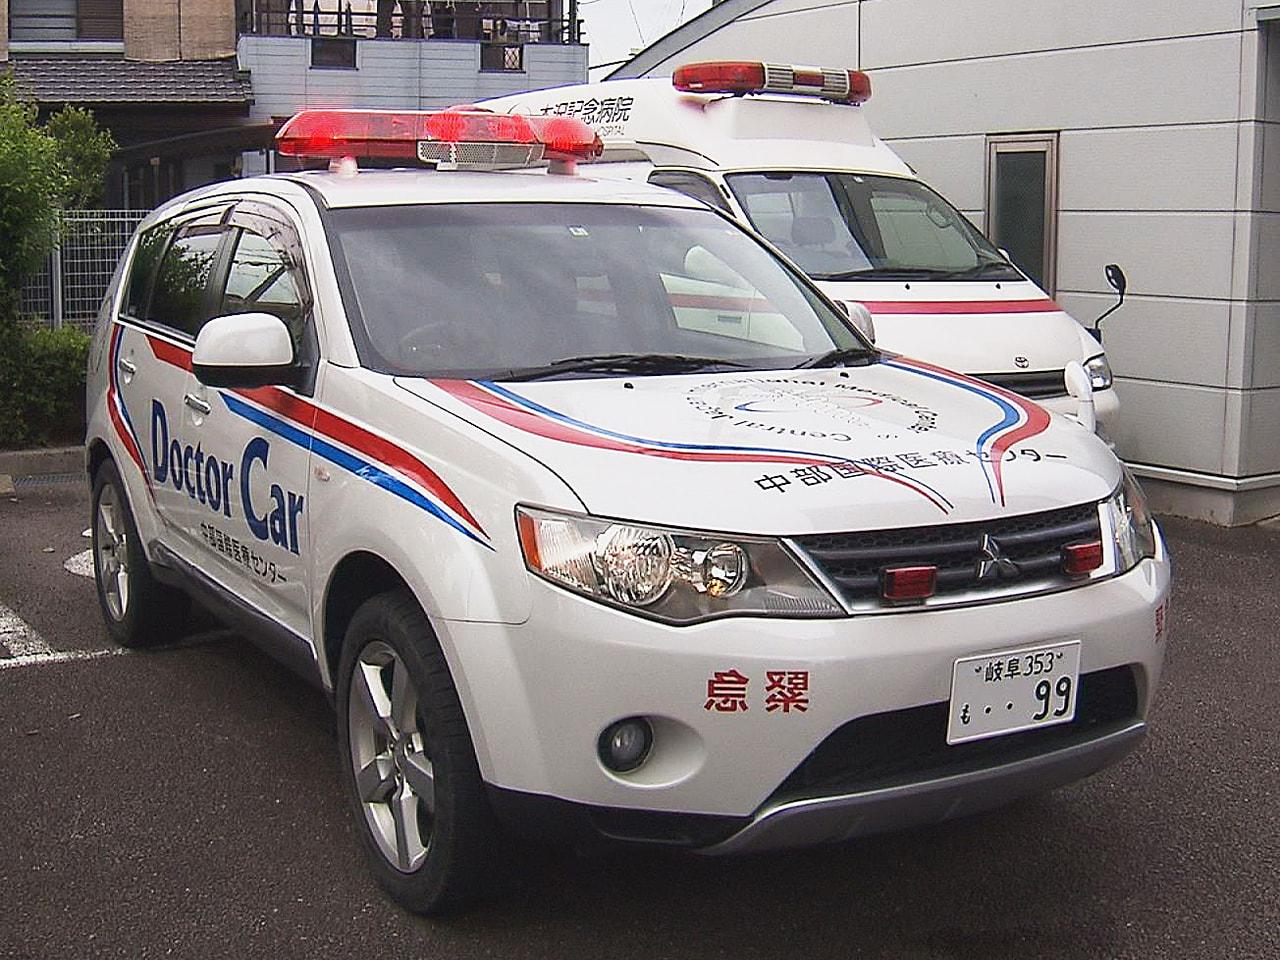 岐阜県美濃加茂市にある木沢記念病院は、中濃地域では初のドクターカーを試験導入しま...